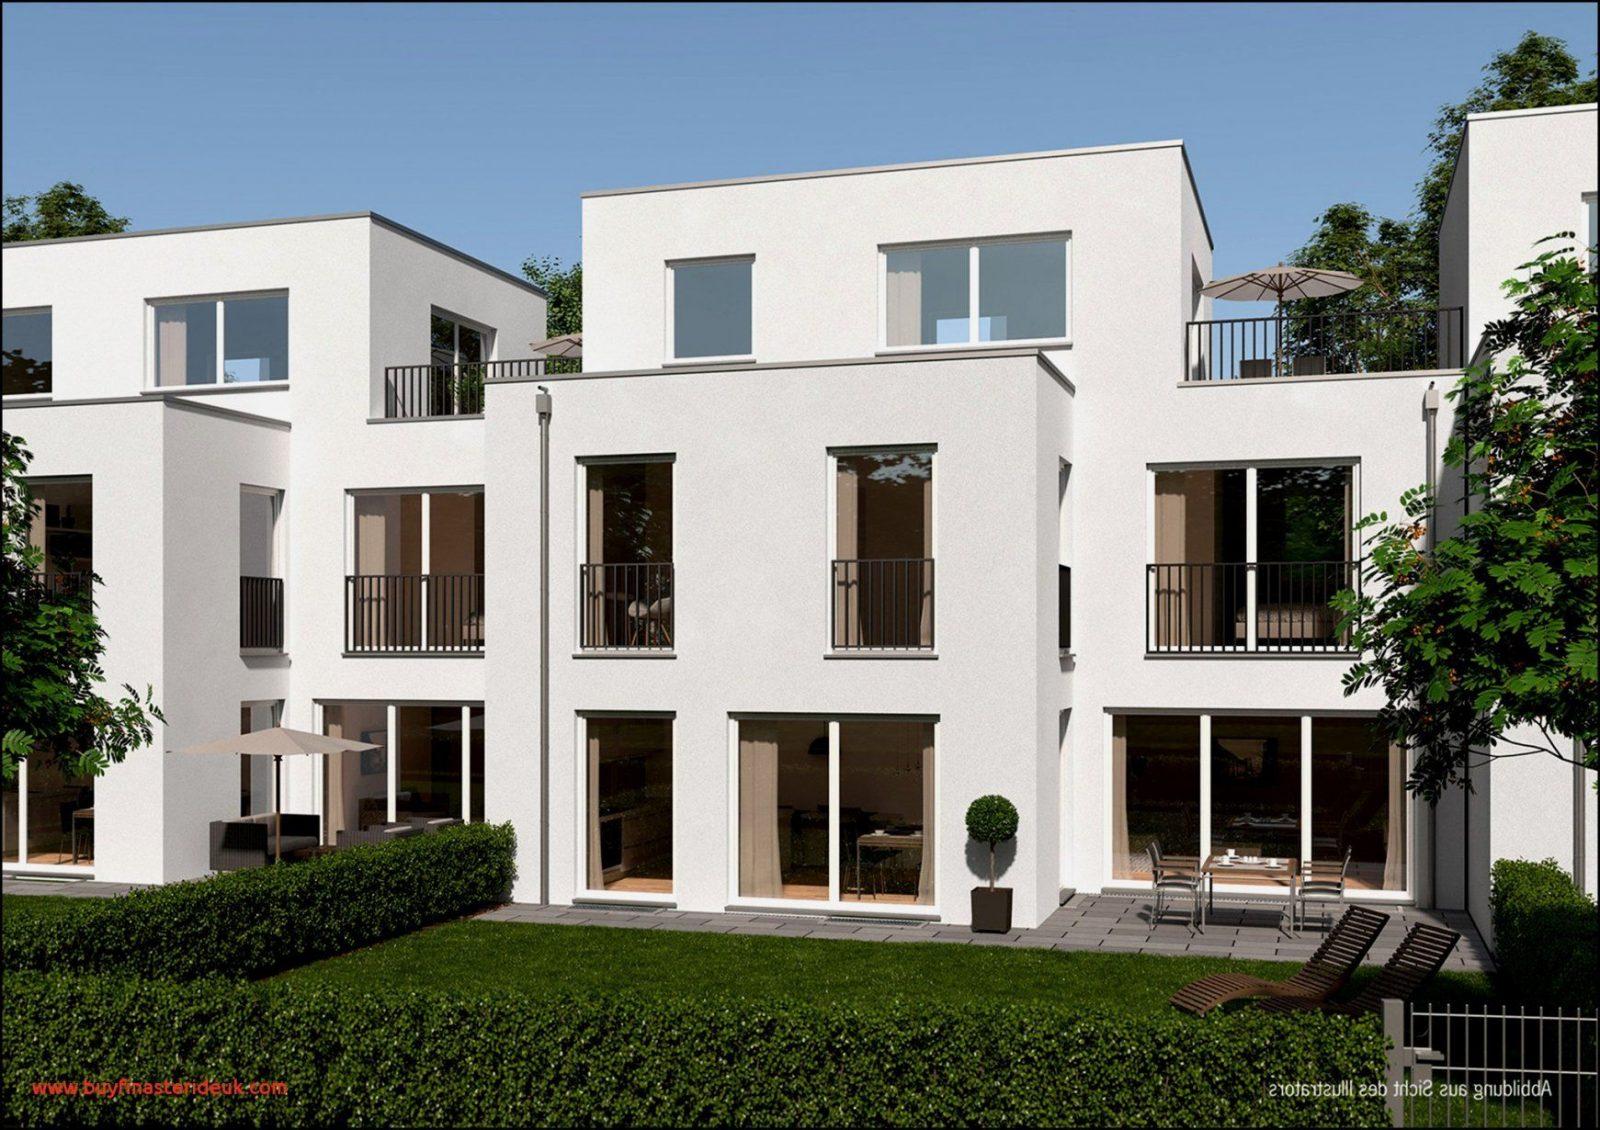 Wohnung In München Kaufen Dachgeschosswohnung In München 85 7 M²